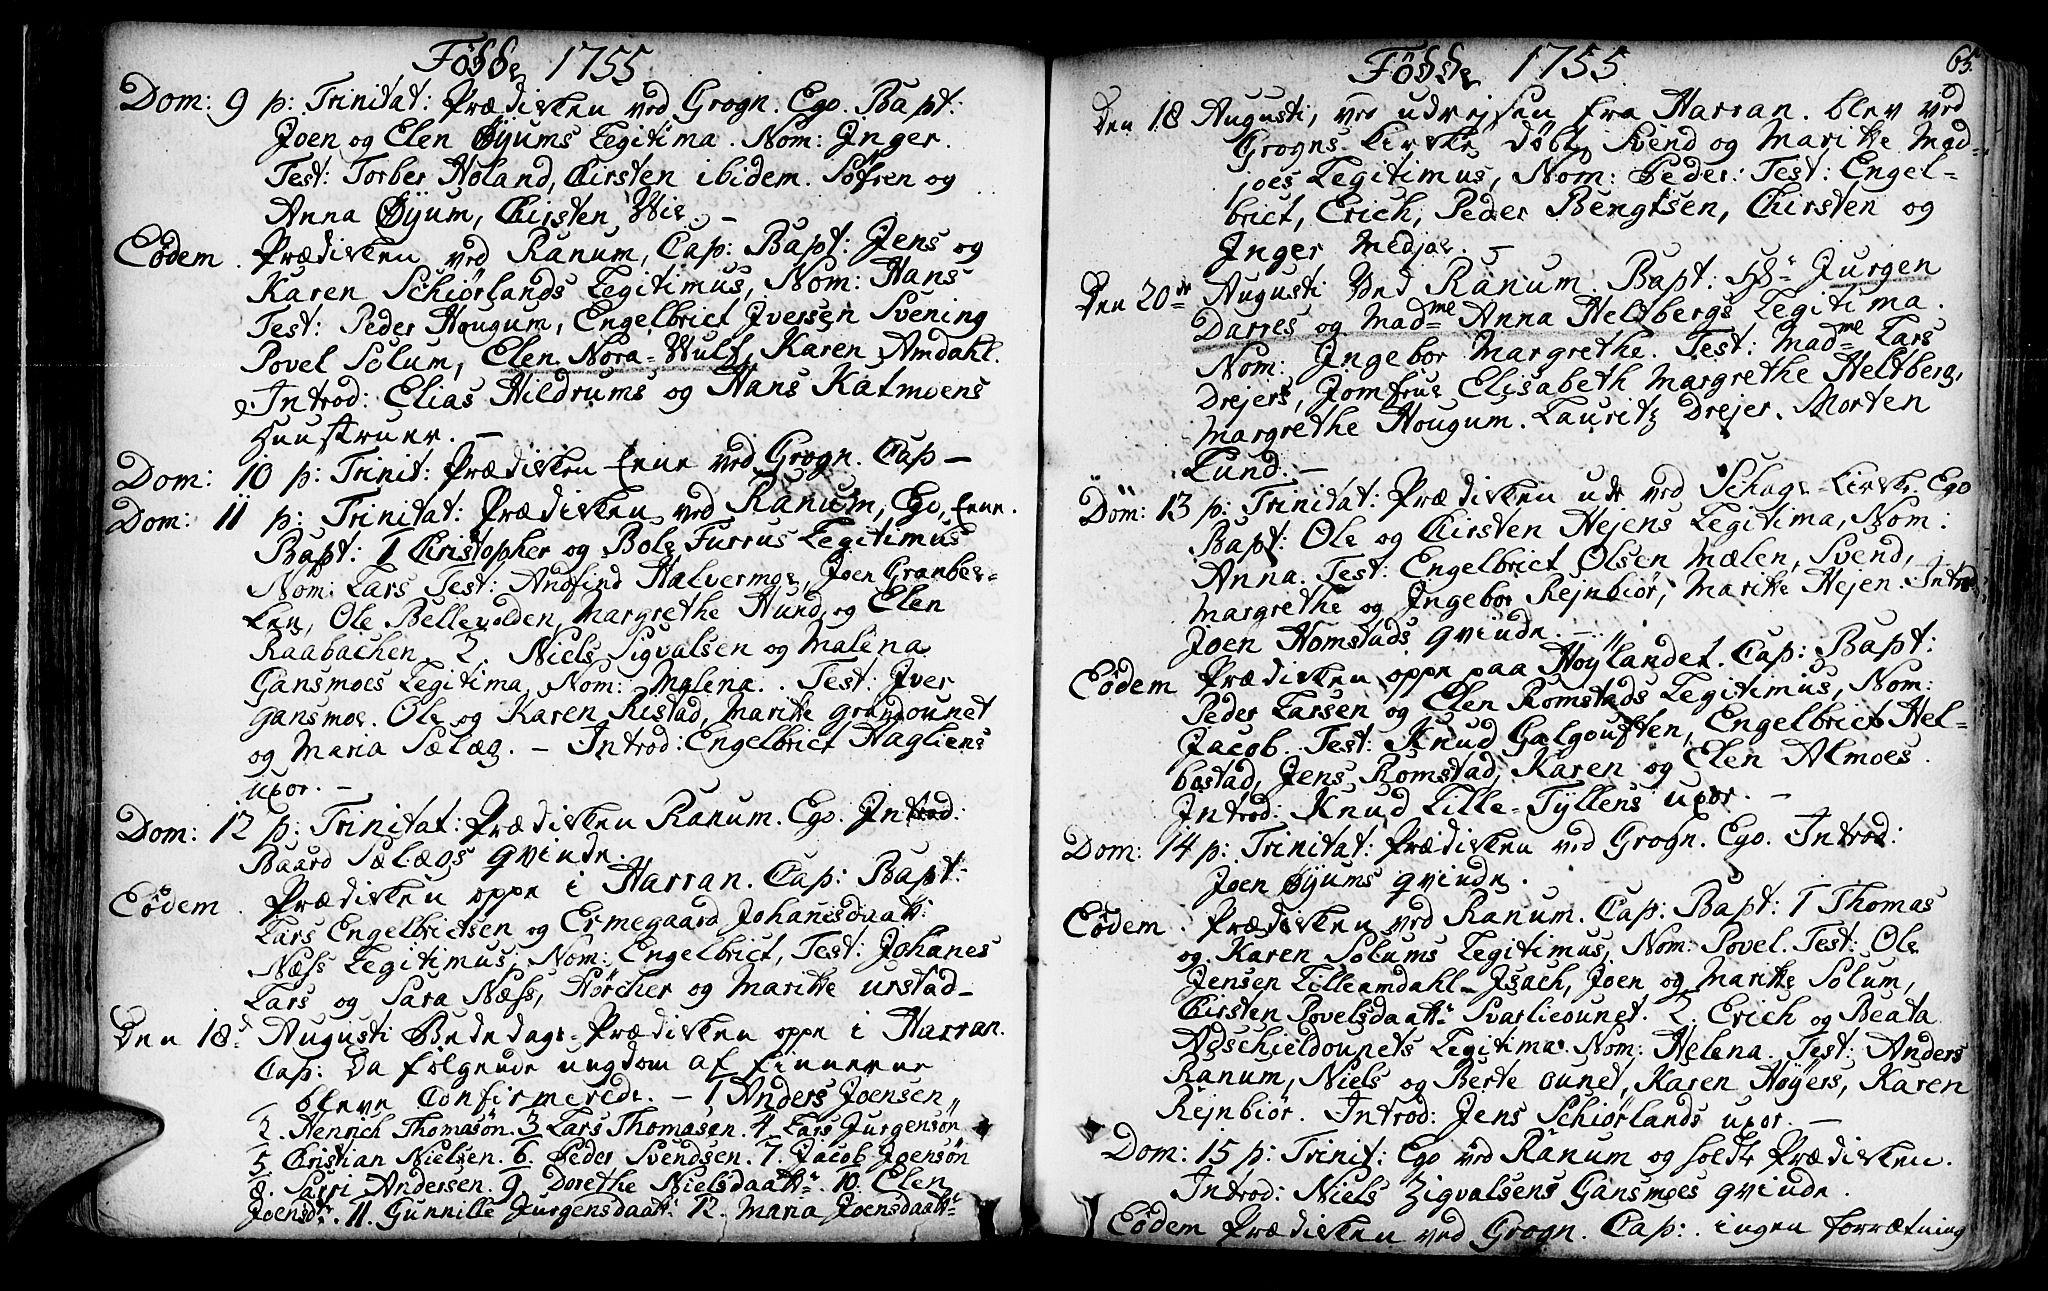 SAT, Ministerialprotokoller, klokkerbøker og fødselsregistre - Nord-Trøndelag, 764/L0542: Ministerialbok nr. 764A02, 1748-1779, s. 65